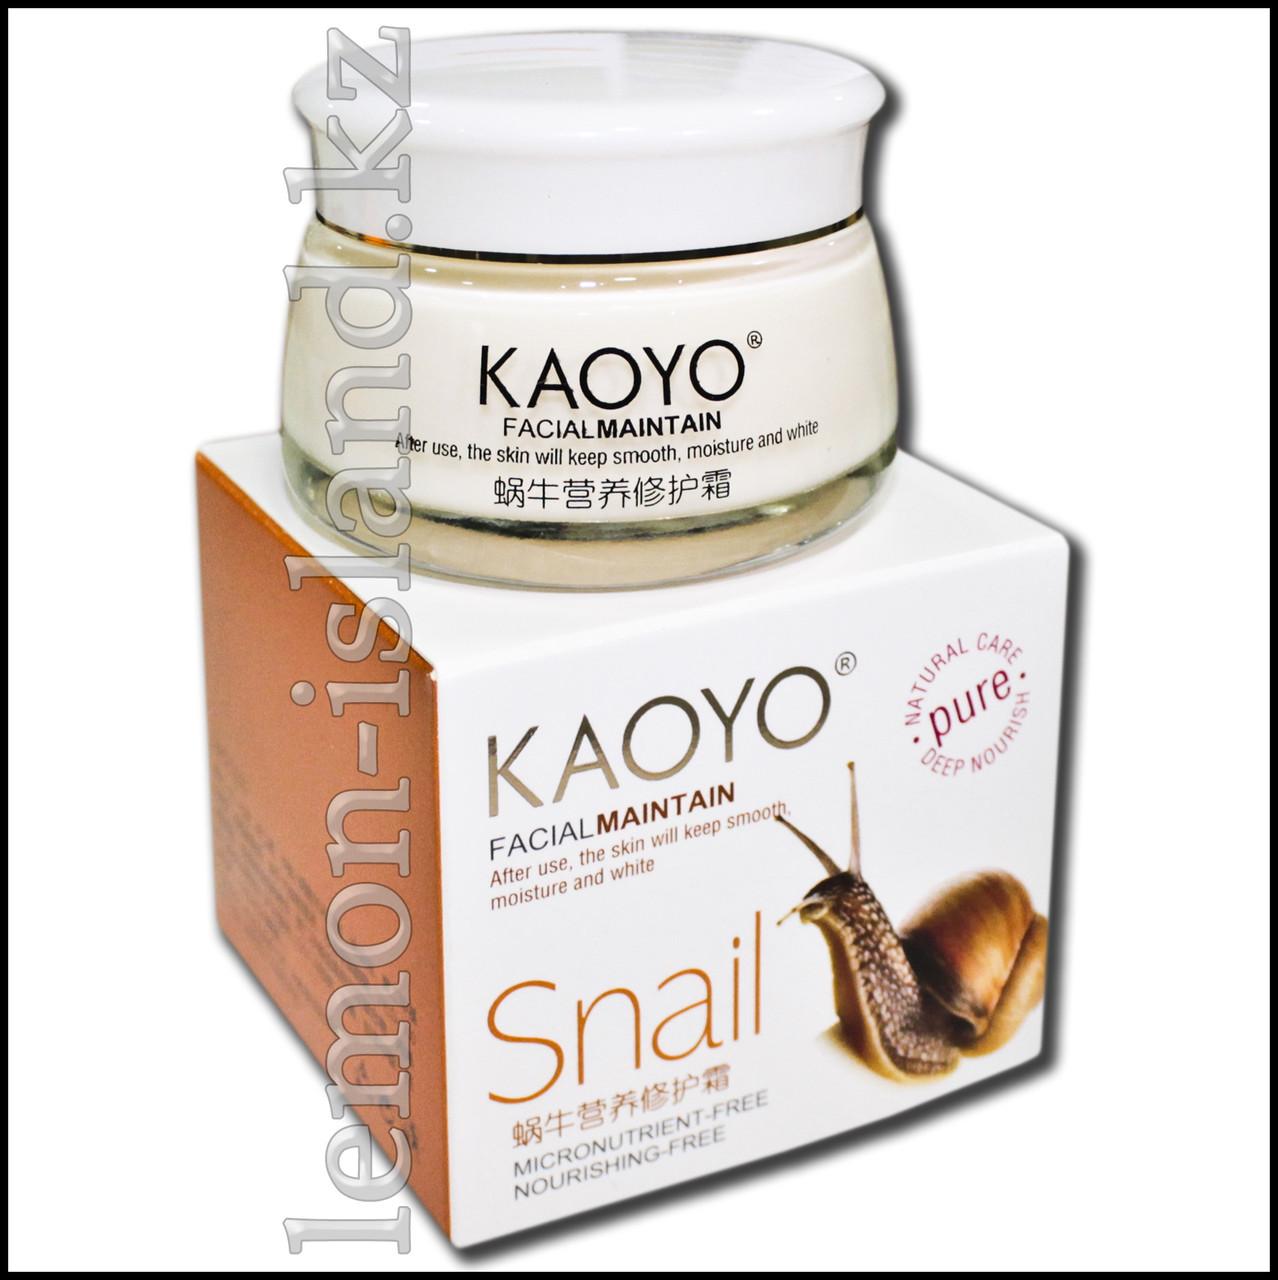 Крем для лица Kaoyo многофункциональный с экстрактом улитки.